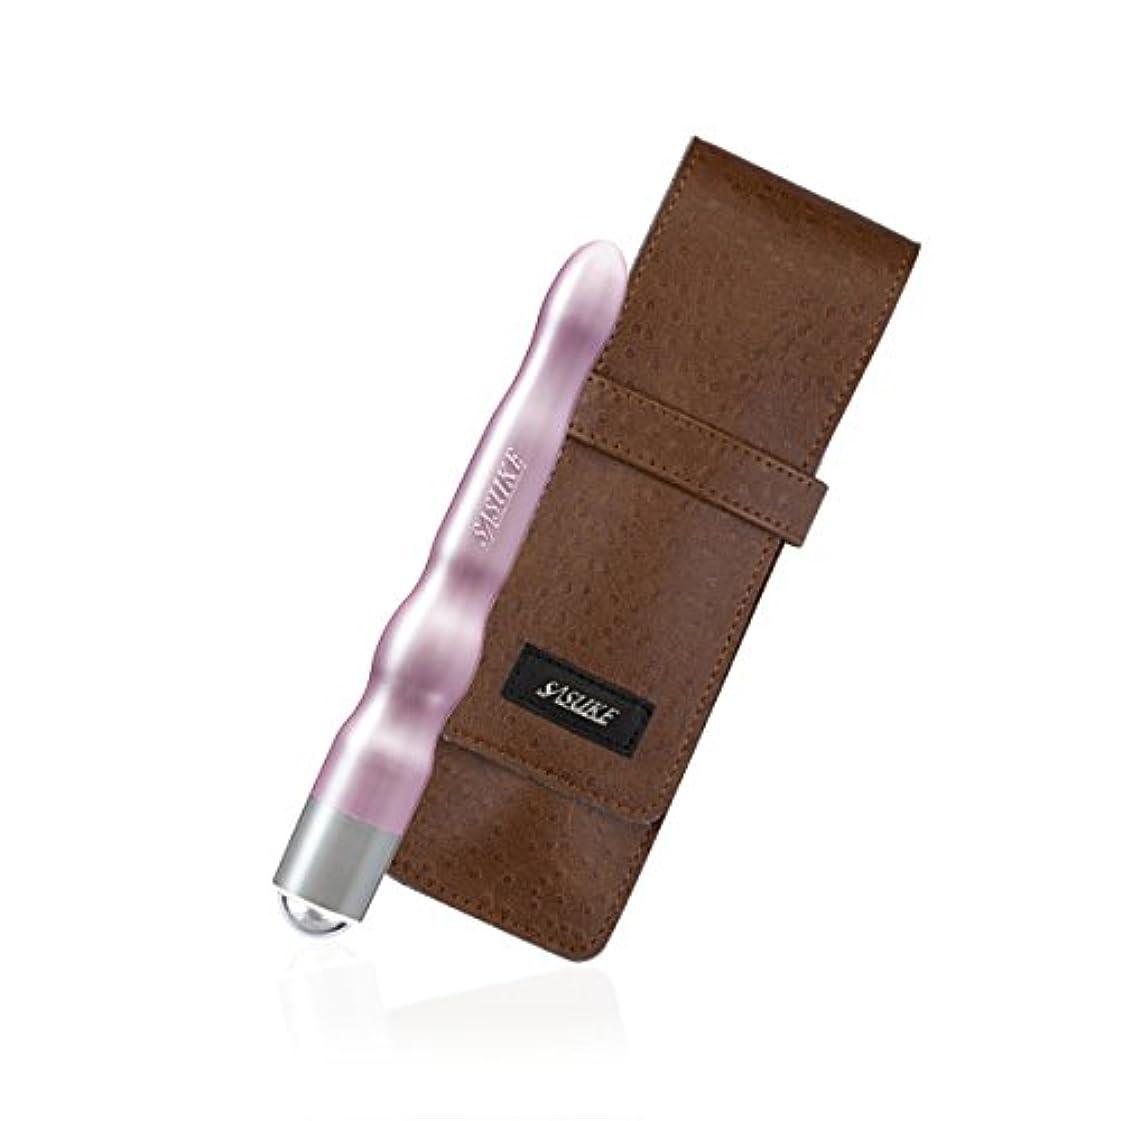 褐色テナント機械的にSASUKE ツボ押しローラー (ローズピンク)+ 専用ケース (クラッシックブラウン)セット